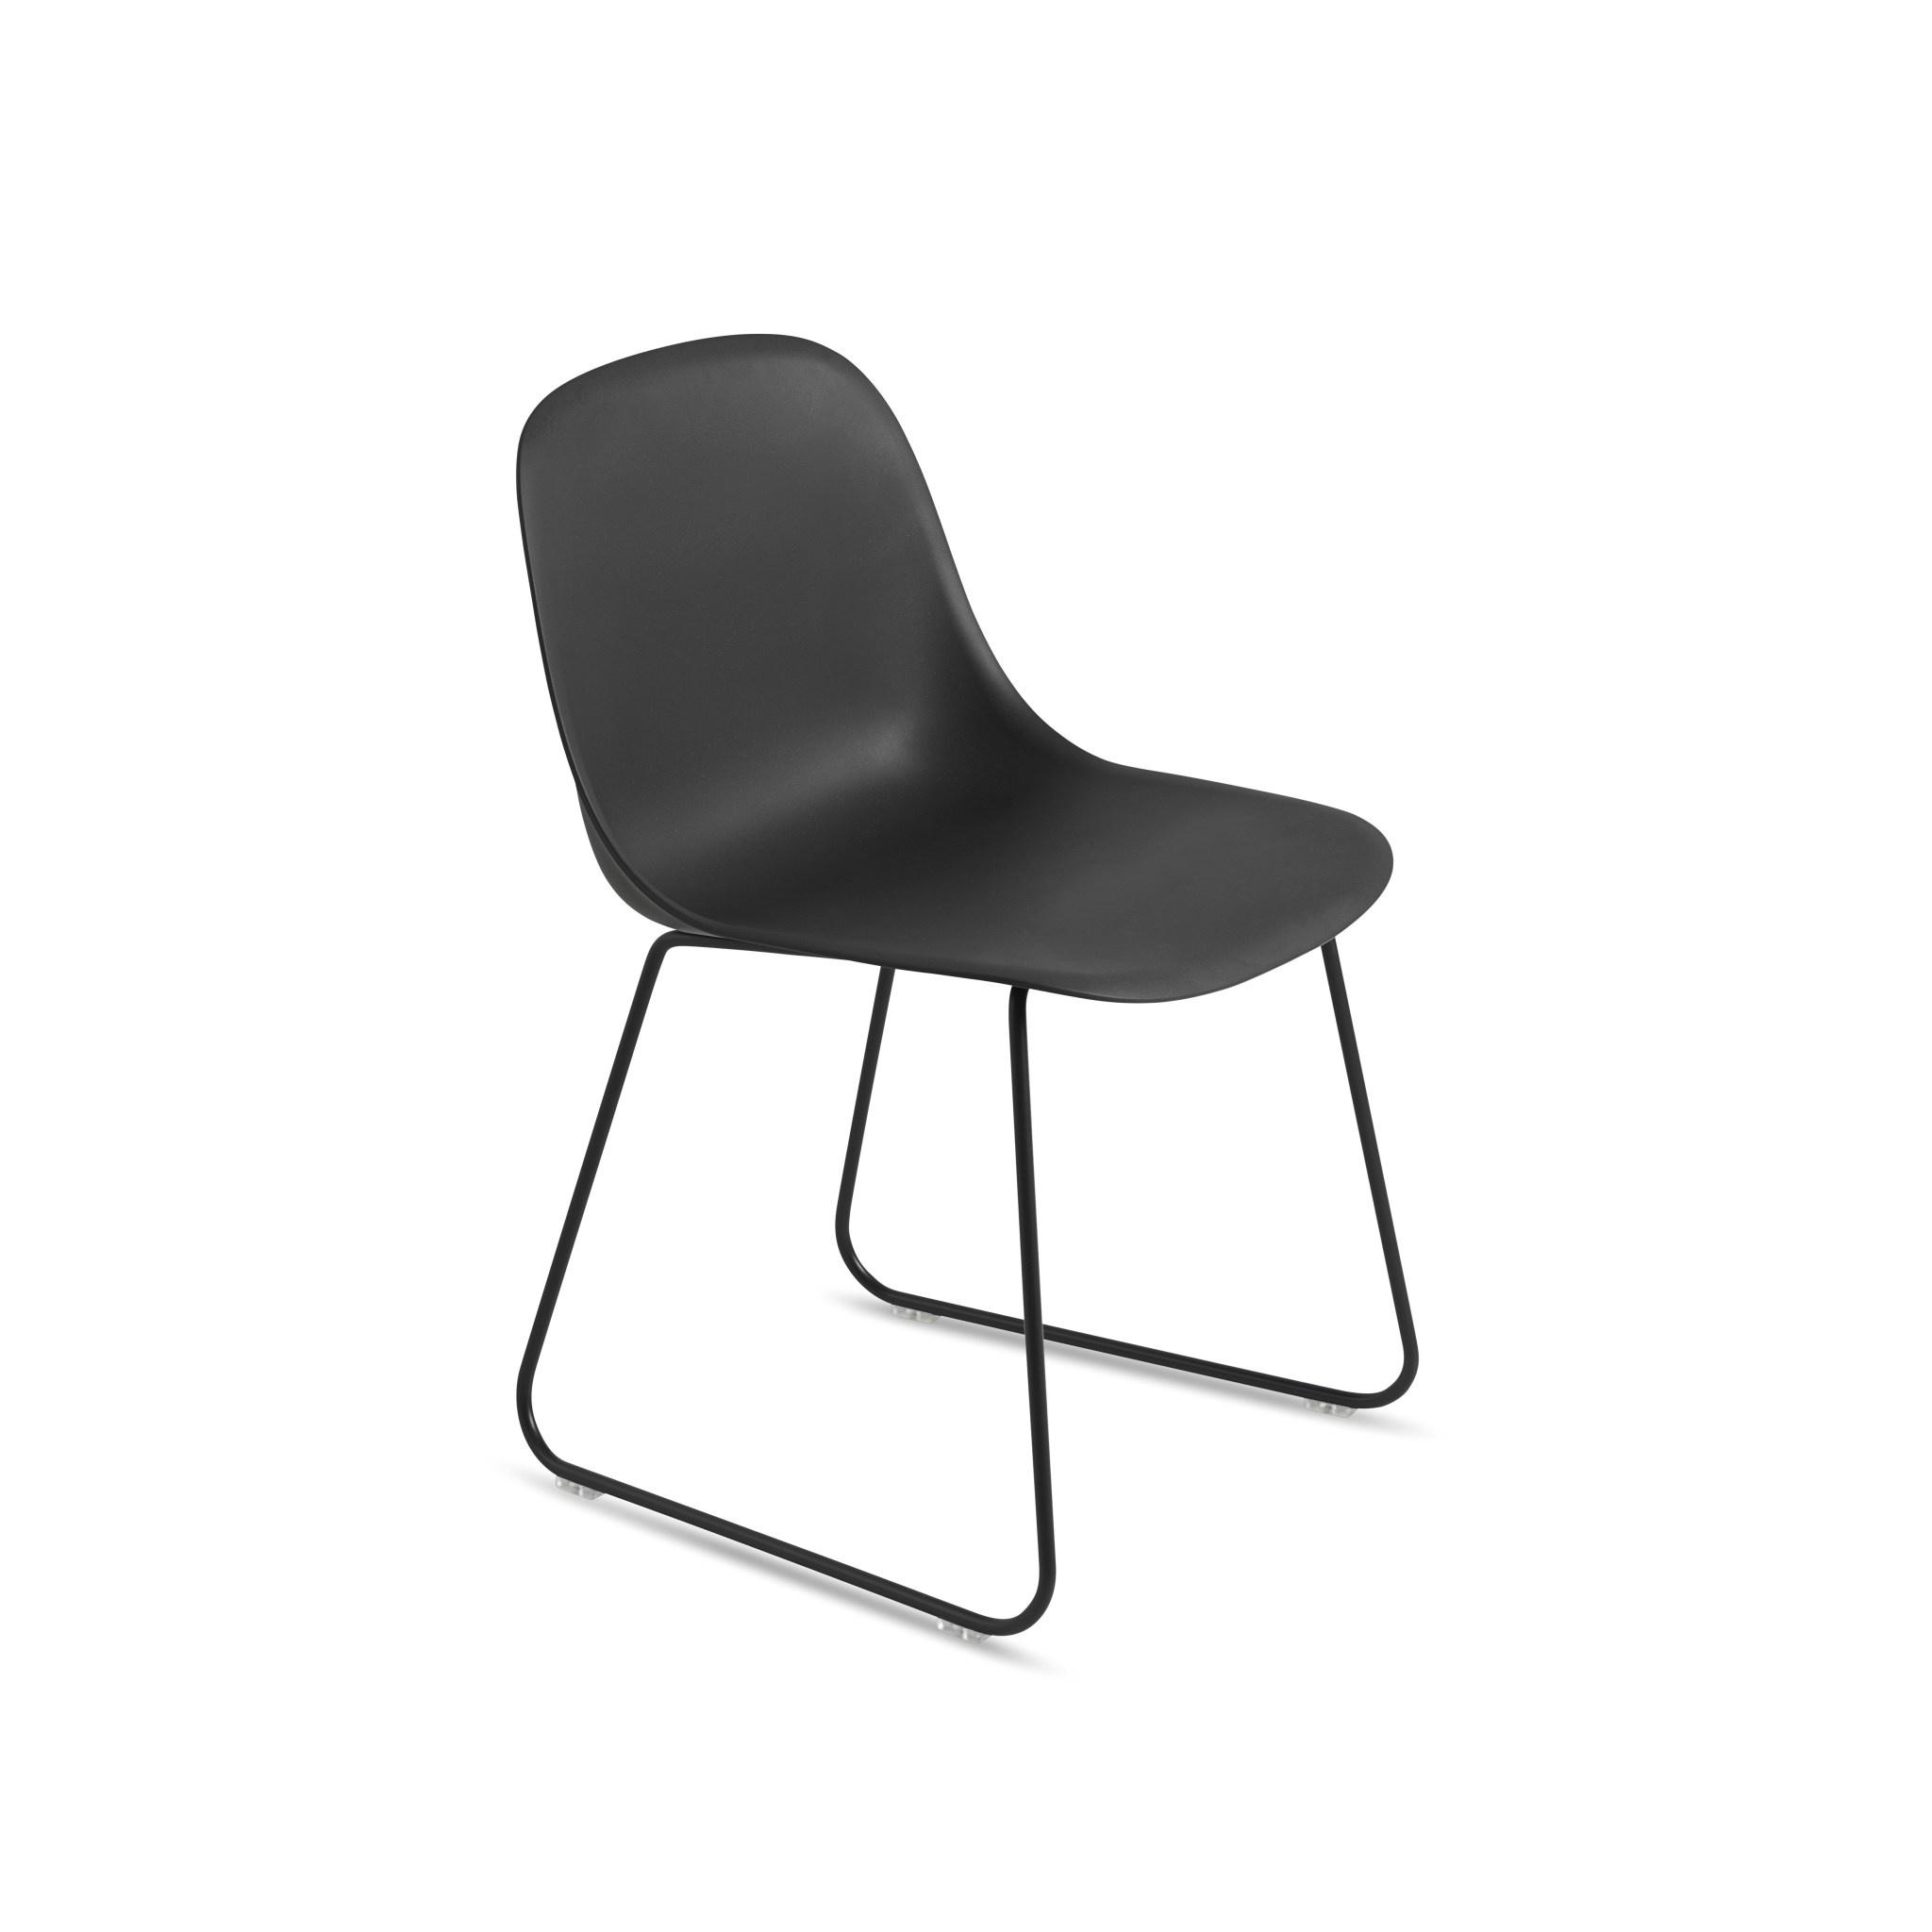 Fiber side chair sled base-1